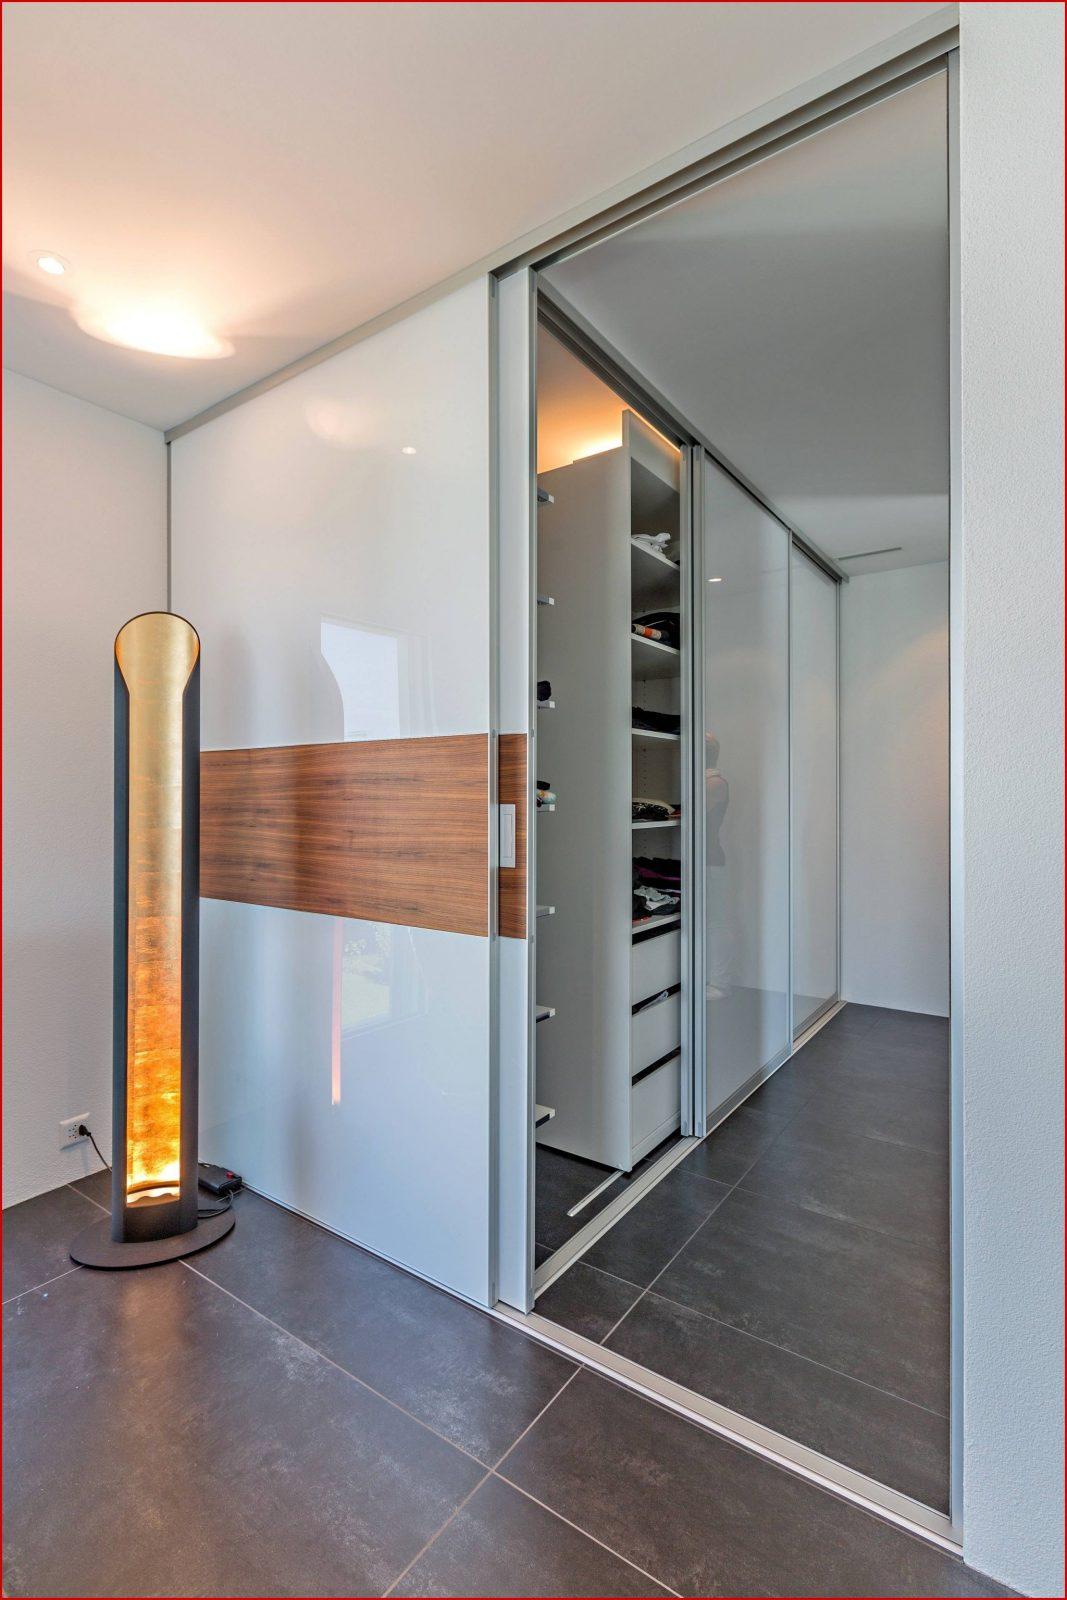 Schiebetüren Schrank Selber Bauen  Cabinetworlddesign von Schrank Mit Schiebetüren Selber Bauen Photo